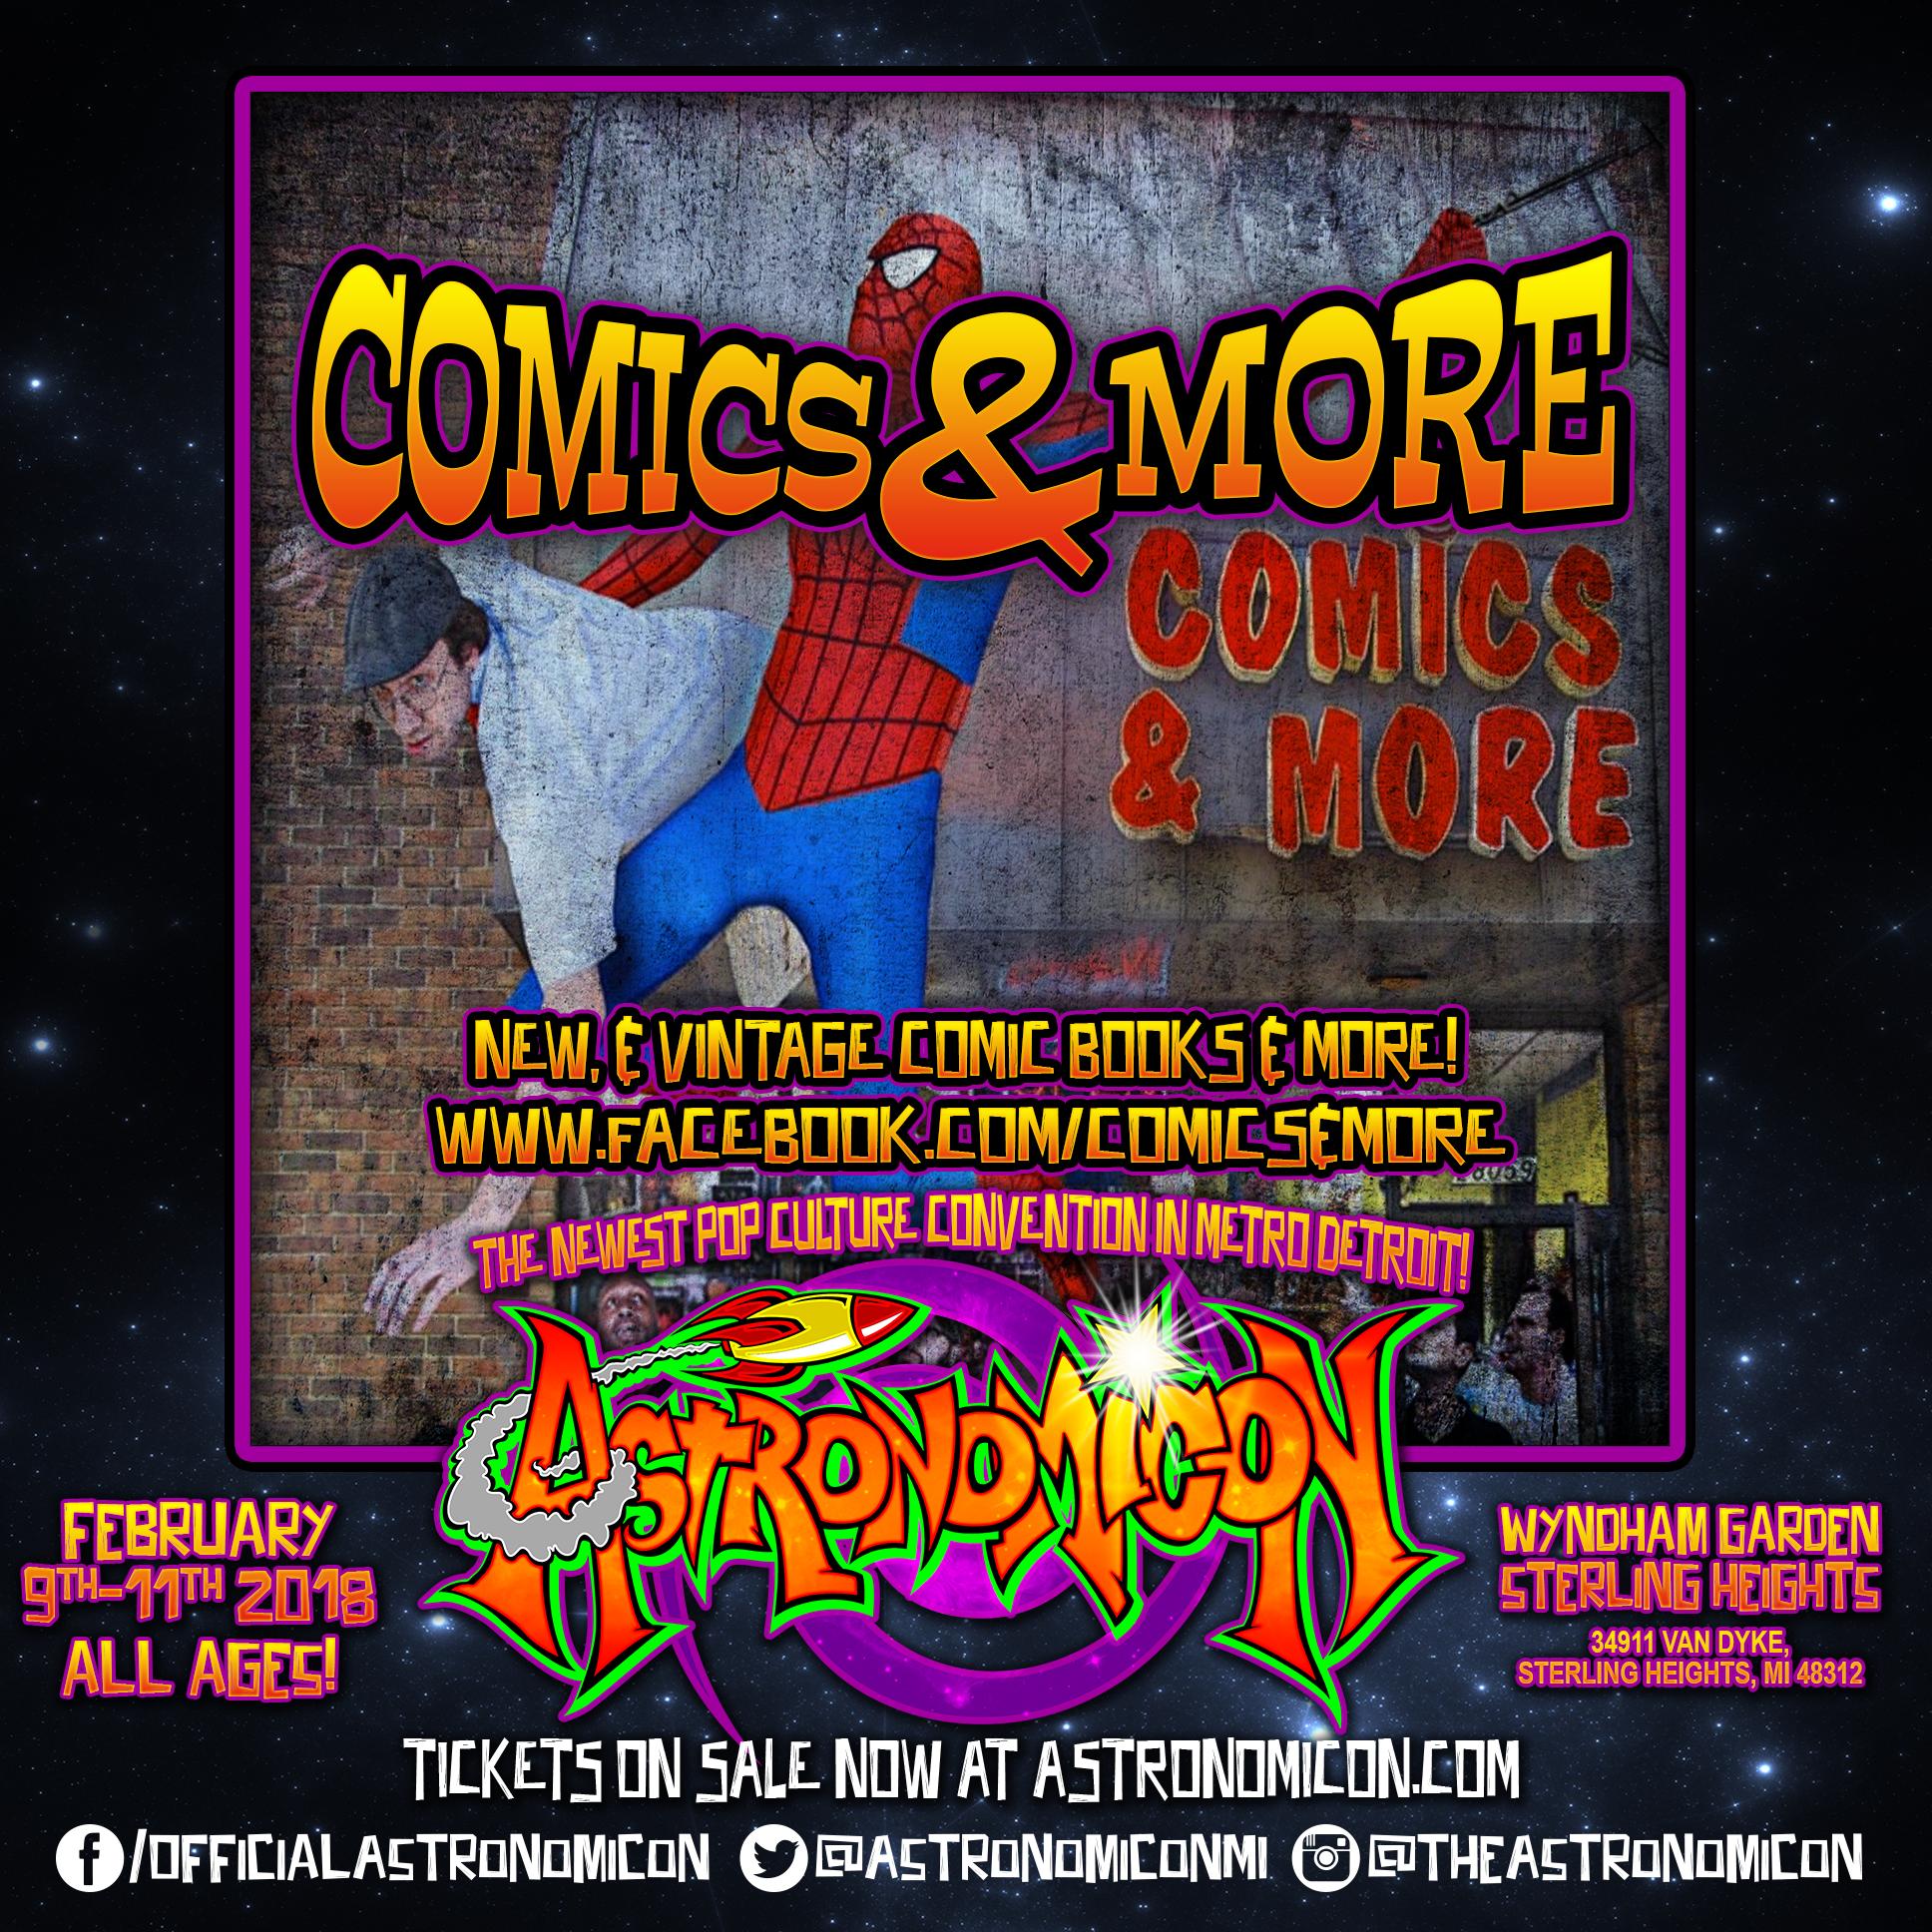 Comics & More - https://www.facebook.com/Comics-More-135031253176500/